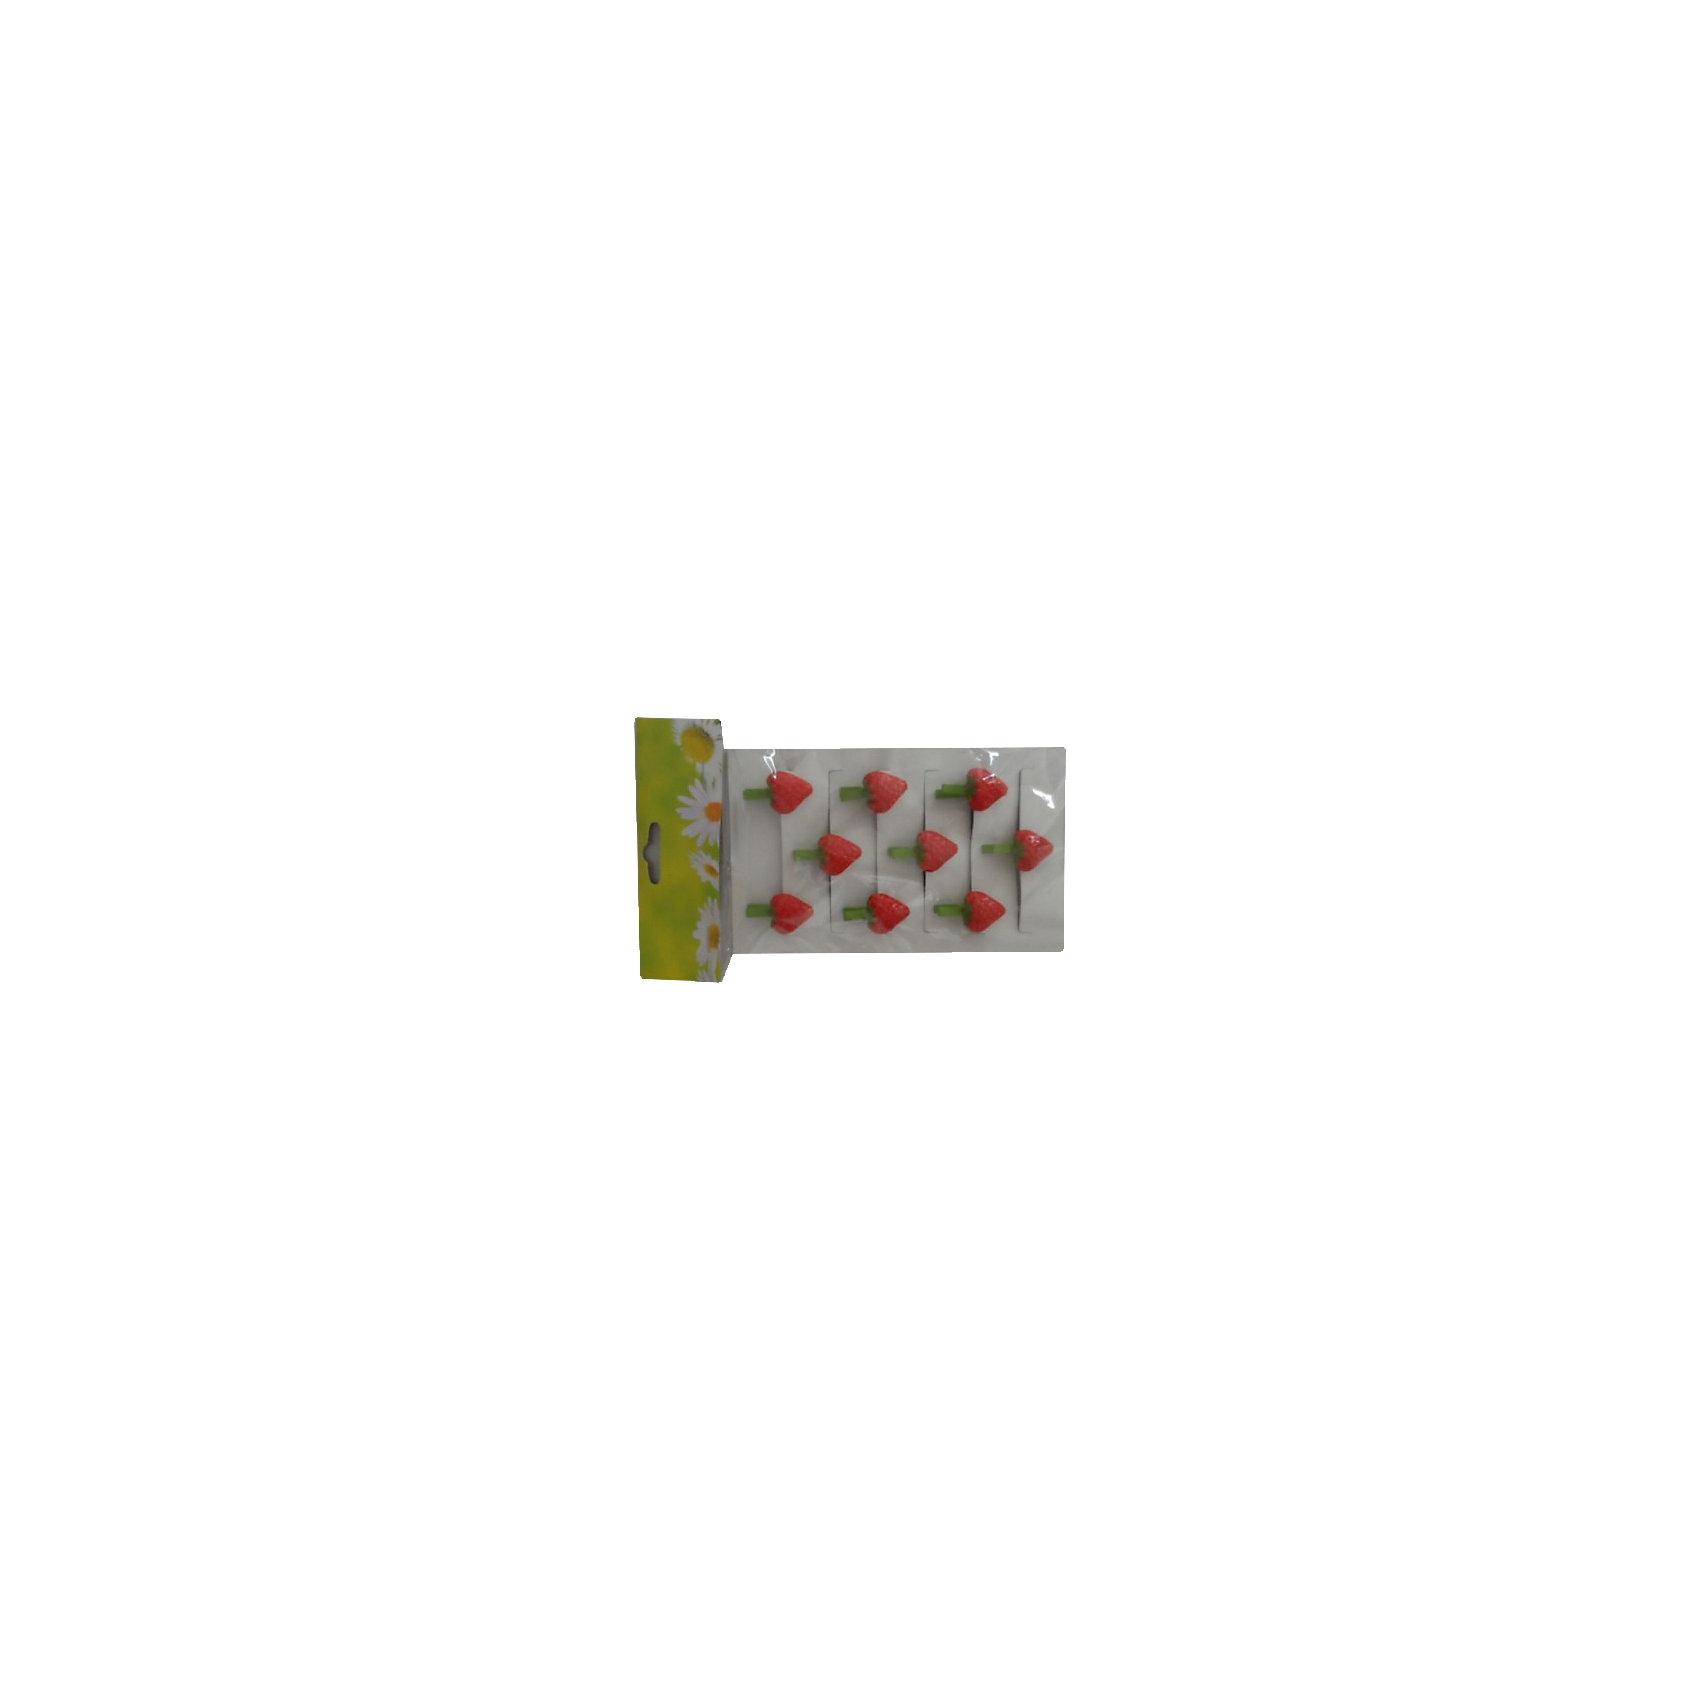 Набор декоративных прищепок Клубника 9 штДекоративная прищепка станет приятным дополнением к любому подарку, с помощью нее вы легко украсите подарок, сделаете упаковку оригинальной, нарядной и запоминающейся. <br><br>Дополнительная информация:<br><br>- Материал: дерево, полирезина.<br>- 9 штук в наборе.<br>- Размер упаковки: 22х12х1,6 см.<br>- Цвет: красный, зеленый.<br><br>Набор декоративных прищепок Клубника, 9 шт, можно купить в нашем магазине.<br><br>Ширина мм: 110<br>Глубина мм: 220<br>Высота мм: 240<br>Вес г: 43<br>Возраст от месяцев: 36<br>Возраст до месяцев: 2147483647<br>Пол: Женский<br>Возраст: Детский<br>SKU: 4501153